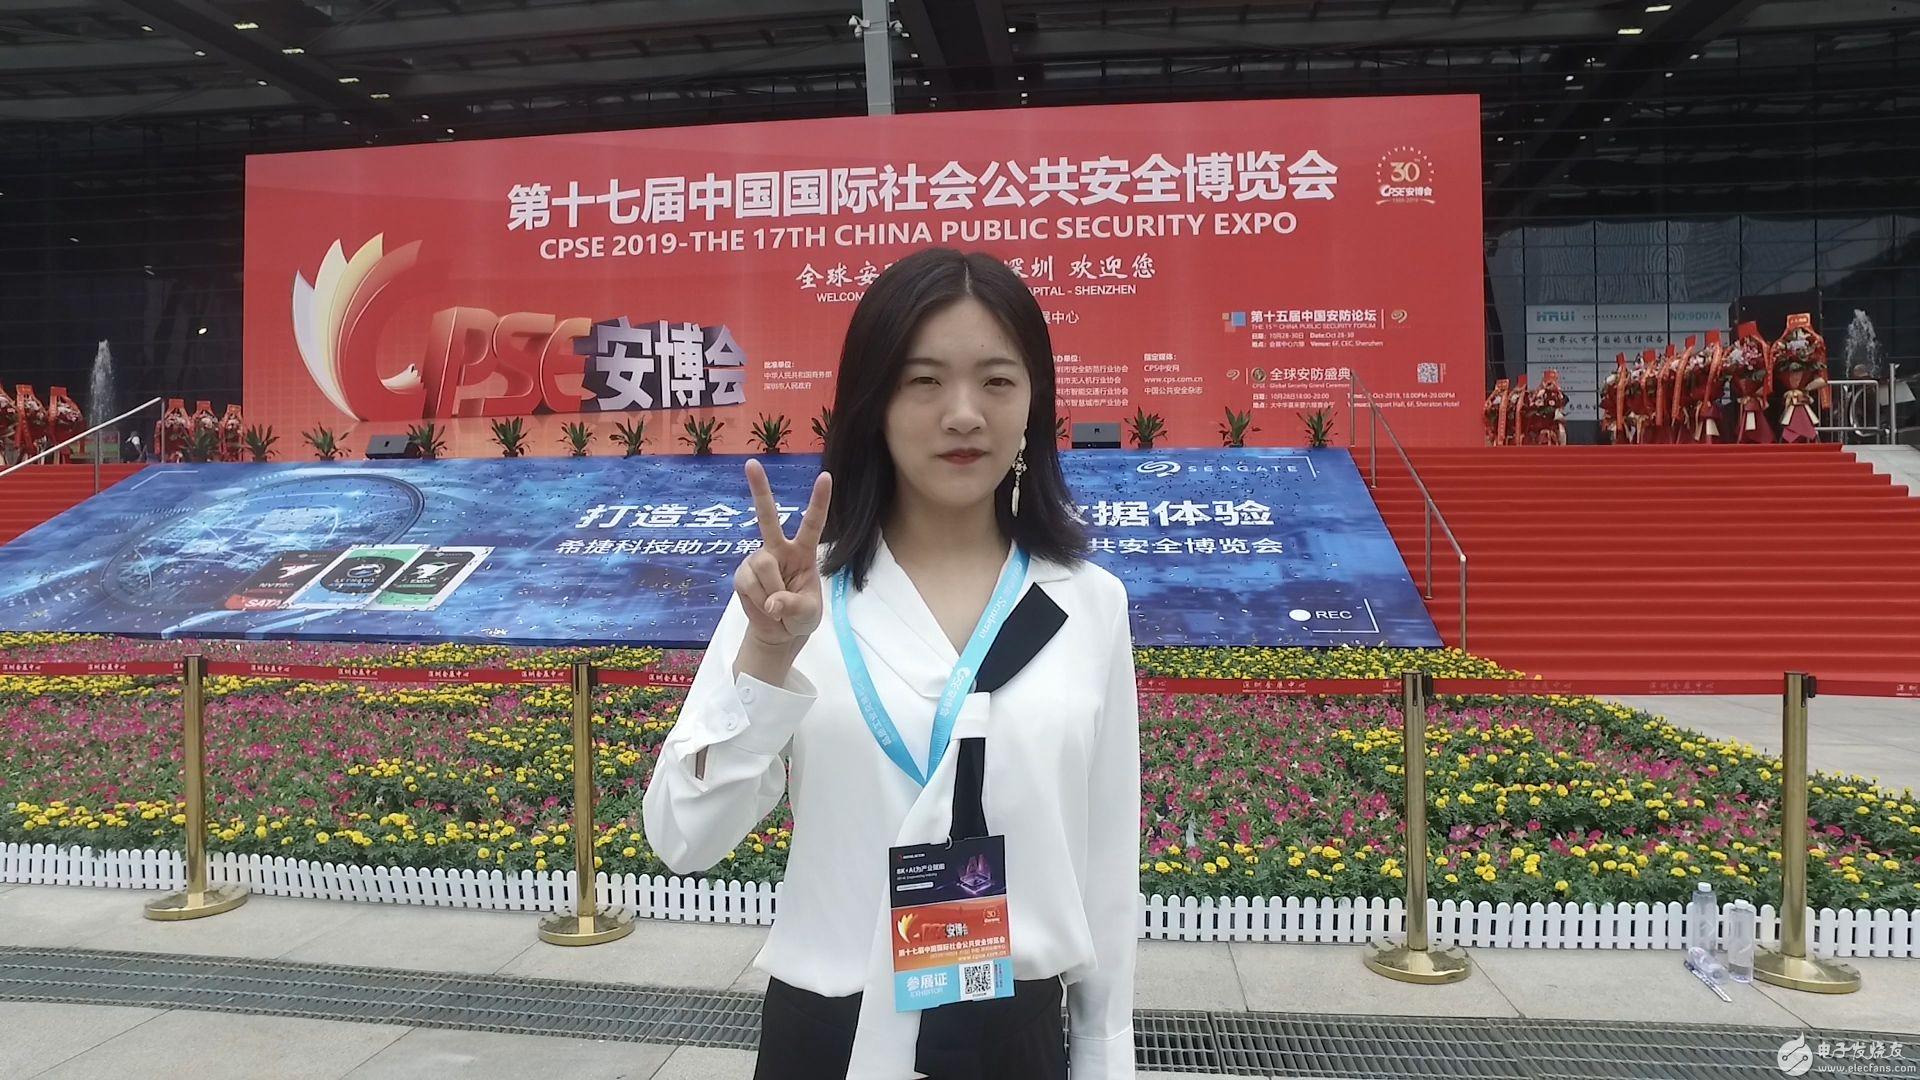 V1p专属一分钟带你解读2019深圳安博会现场黑科技